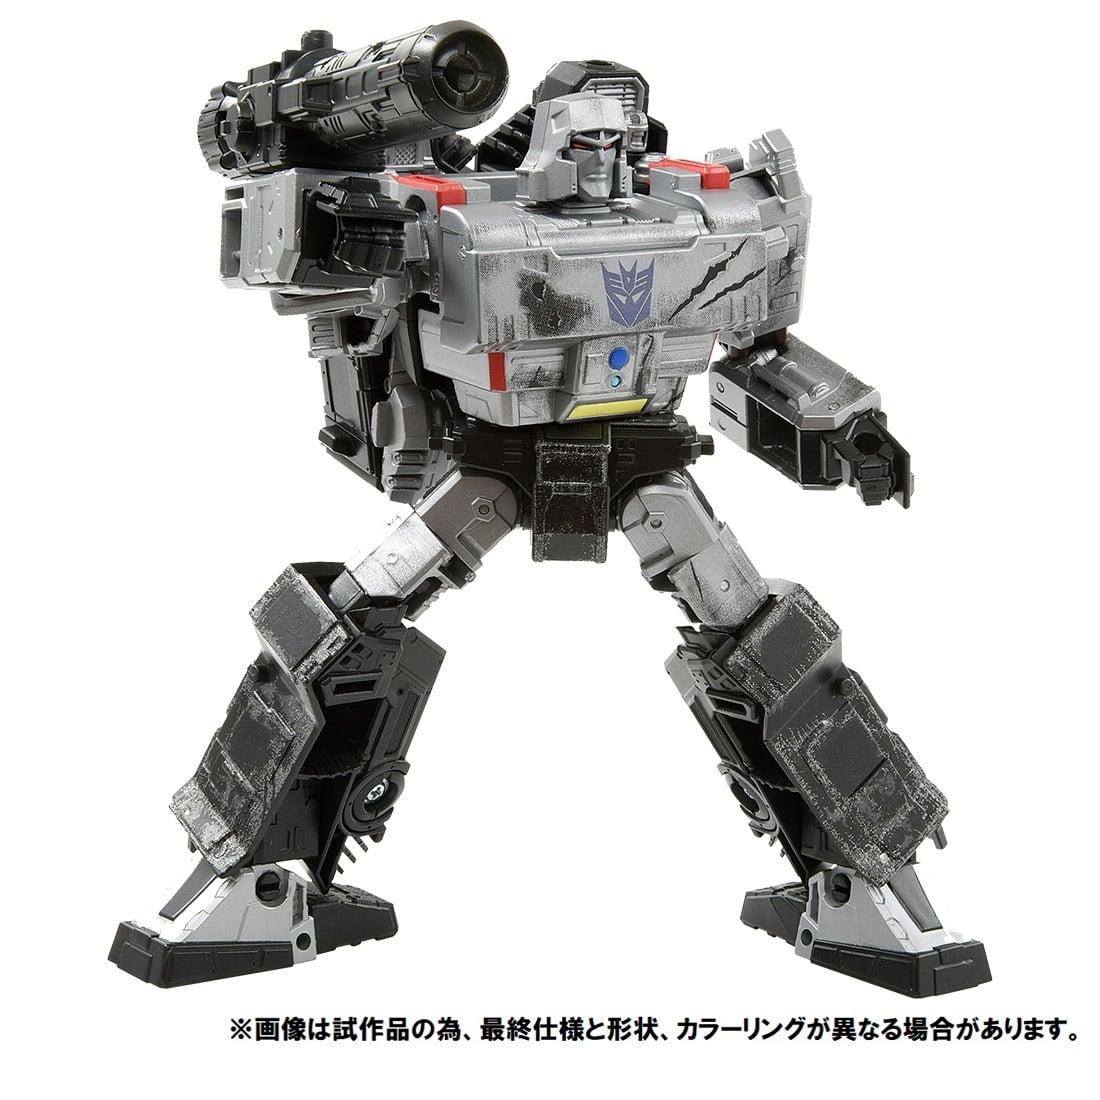 トランスフォーマー プレミアムフィニッシュ『PF WFC-02 メガトロン』可変可動フィギュア-003